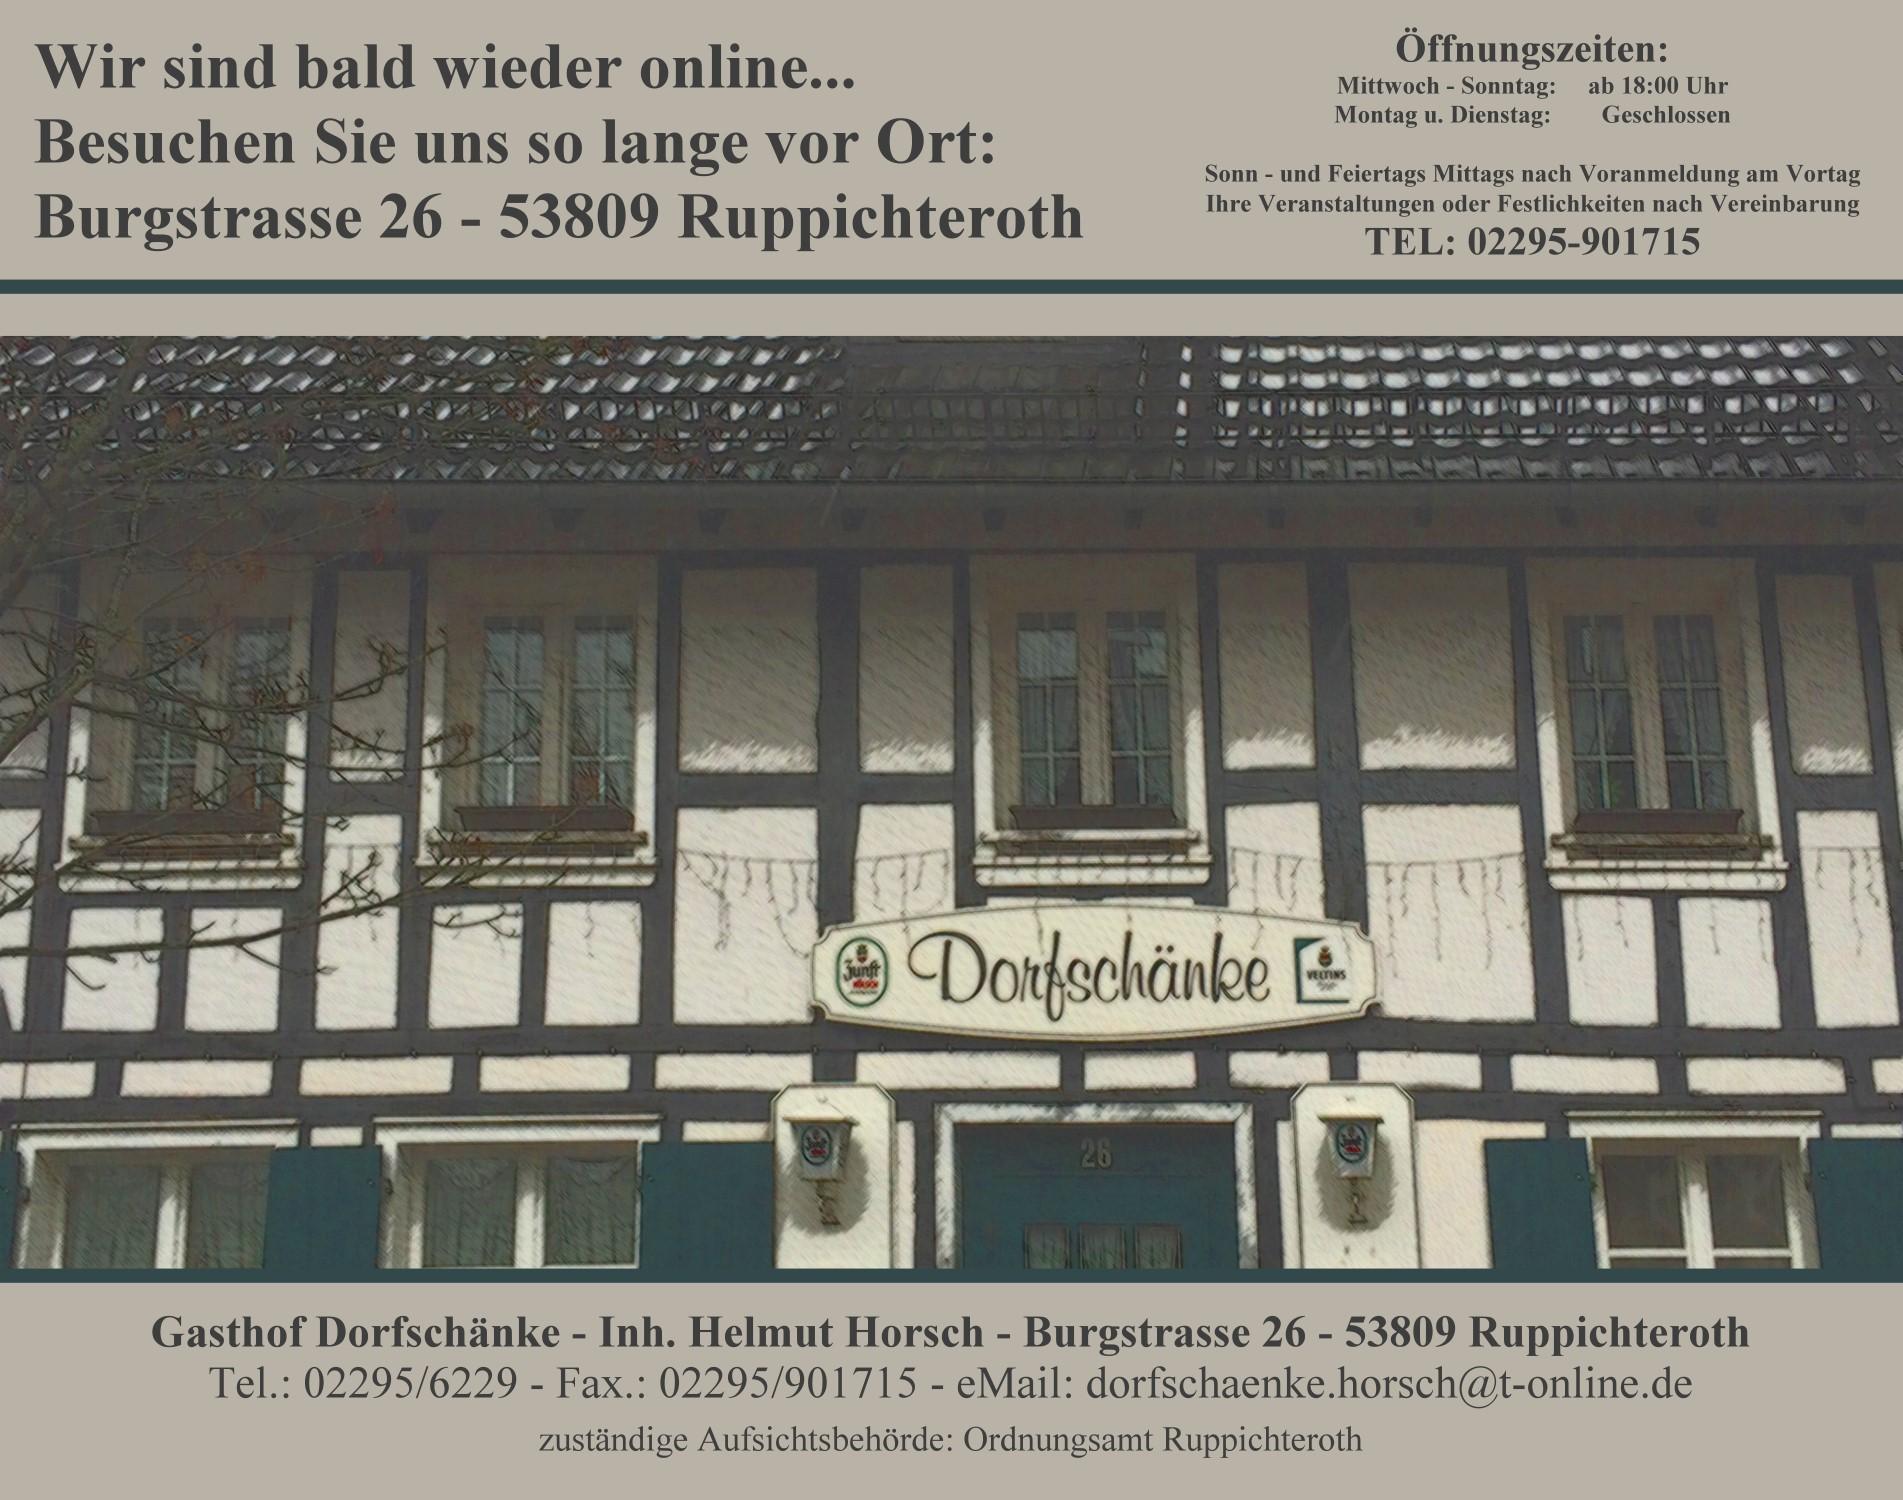 Dorfschänke - Ruppichteroth